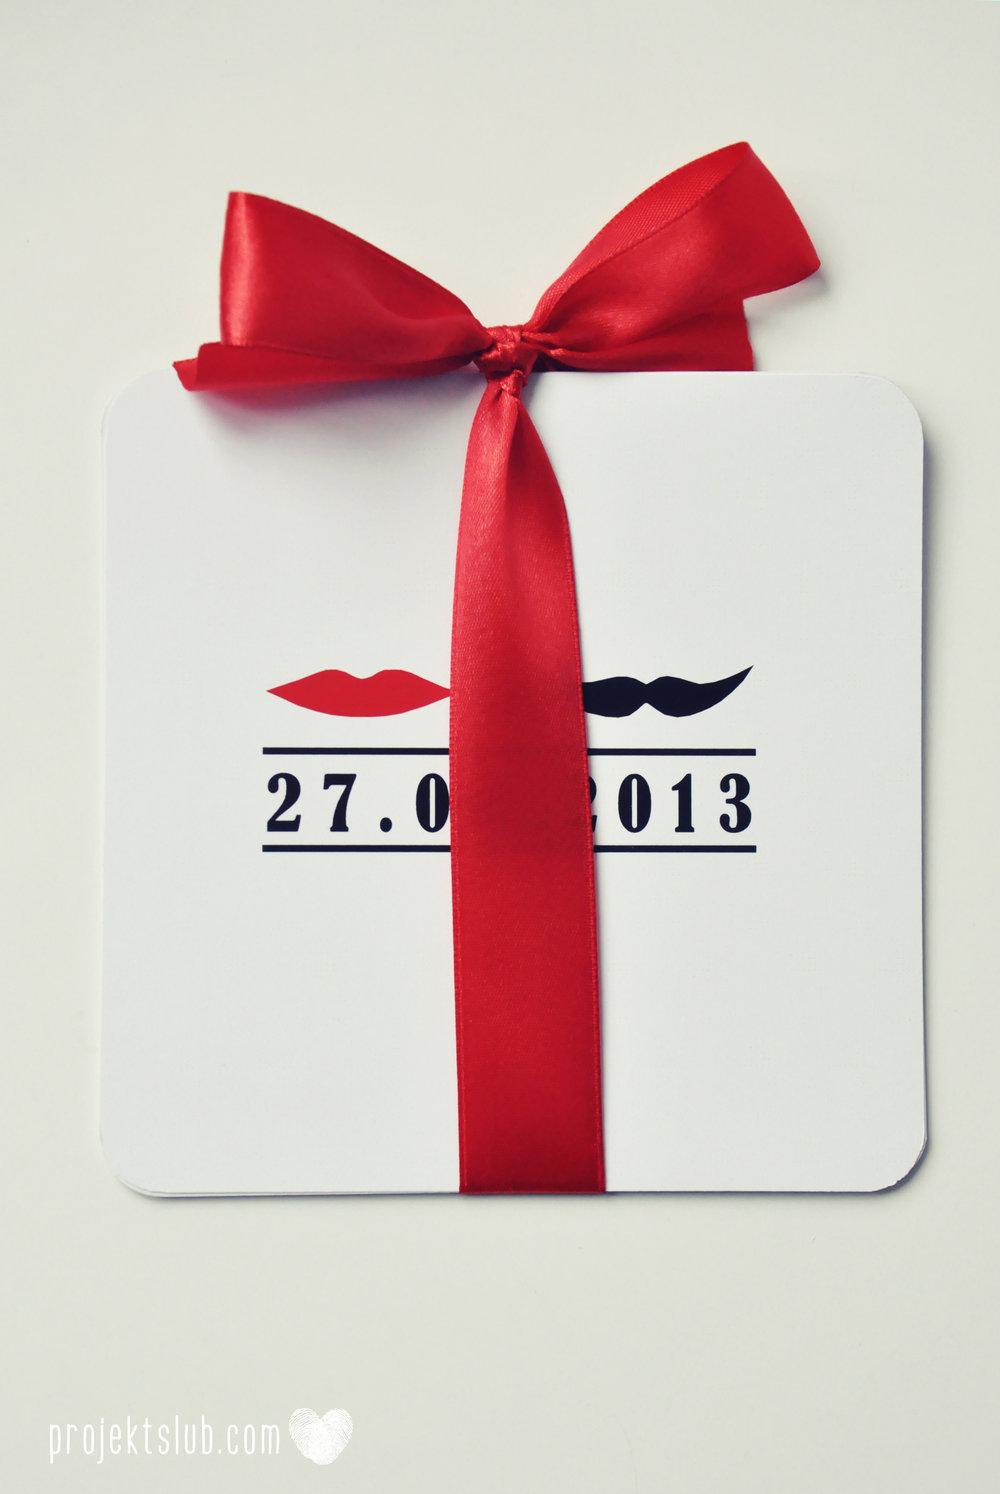 Oryginalne zaproszenia ślubne ze zdjęciem motyw przewodni usta i wąsy czerwona wstążka czarno białe nowoczesne retro projekt ślub (23).JPG